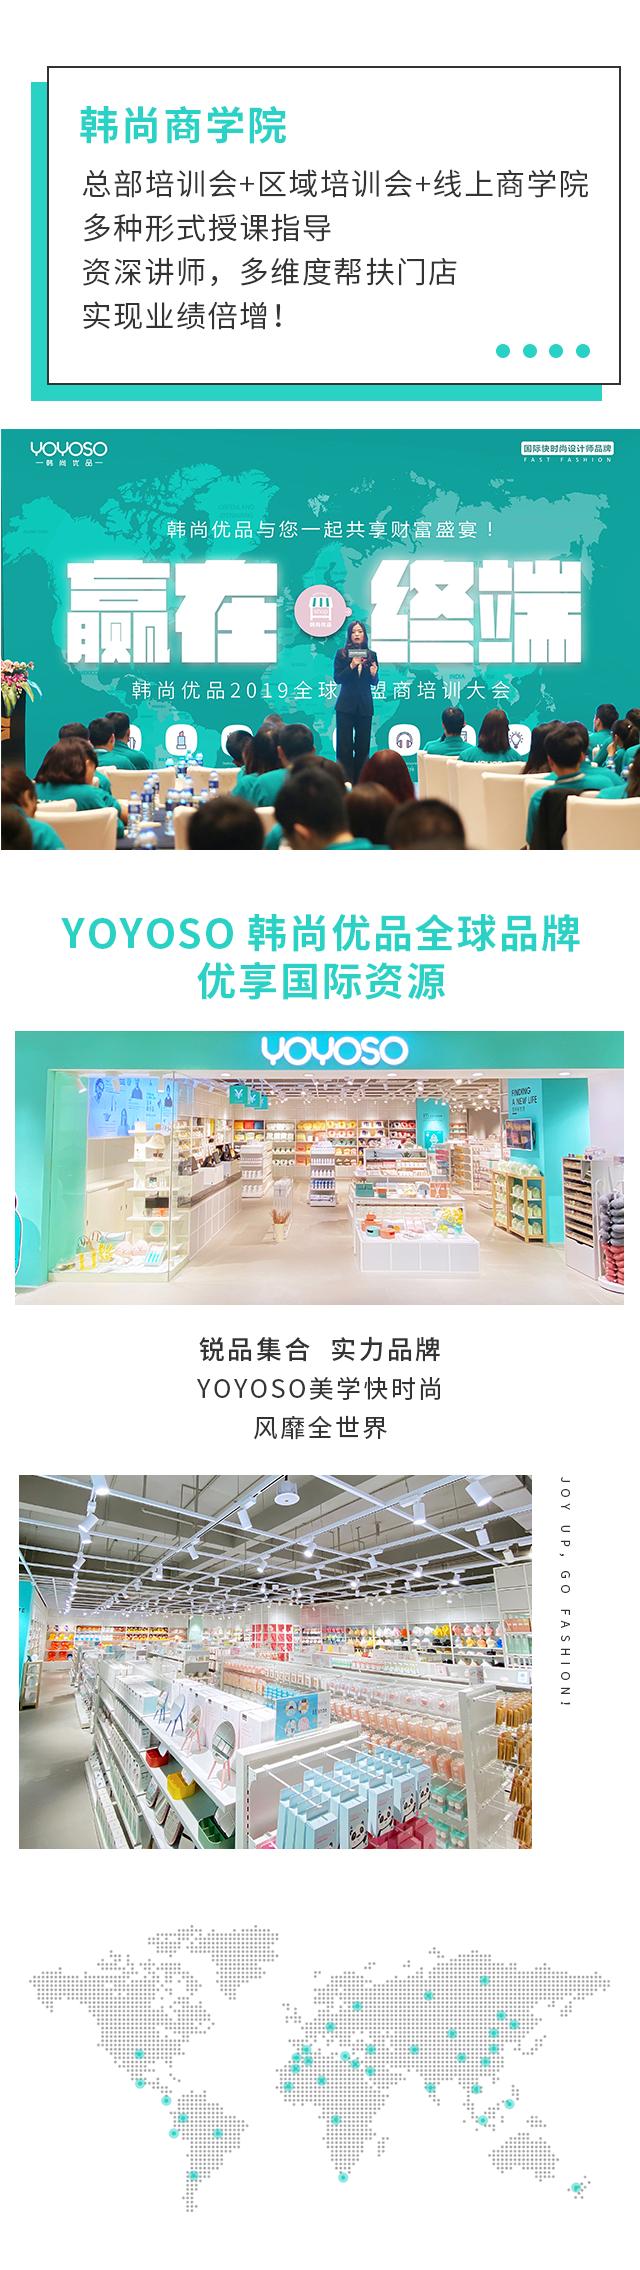 YOYOSO韩尚优品优品国际品牌,优享国际资源